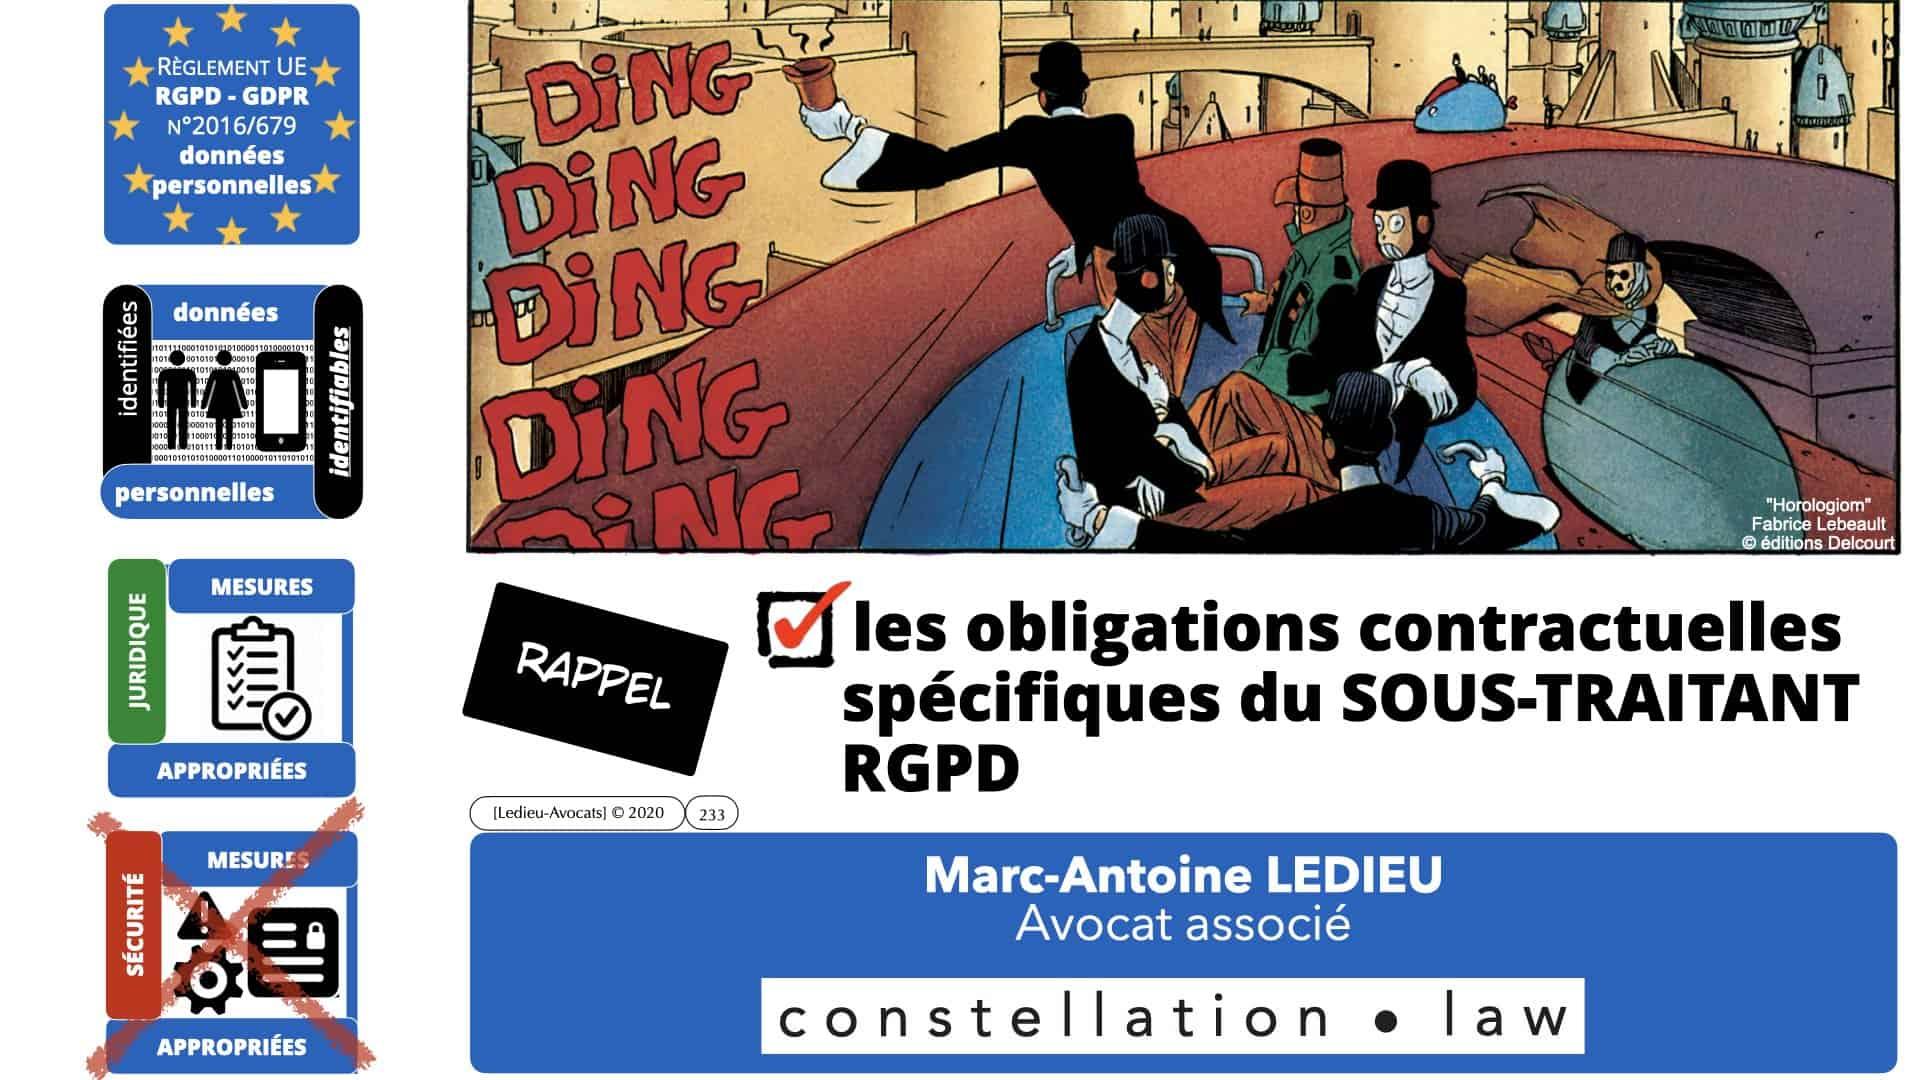 RGPD e-Privacy données personnelles jurisprudence formation Lamy Les Echos 10-02-2021 ©Ledieu-Avocats.233